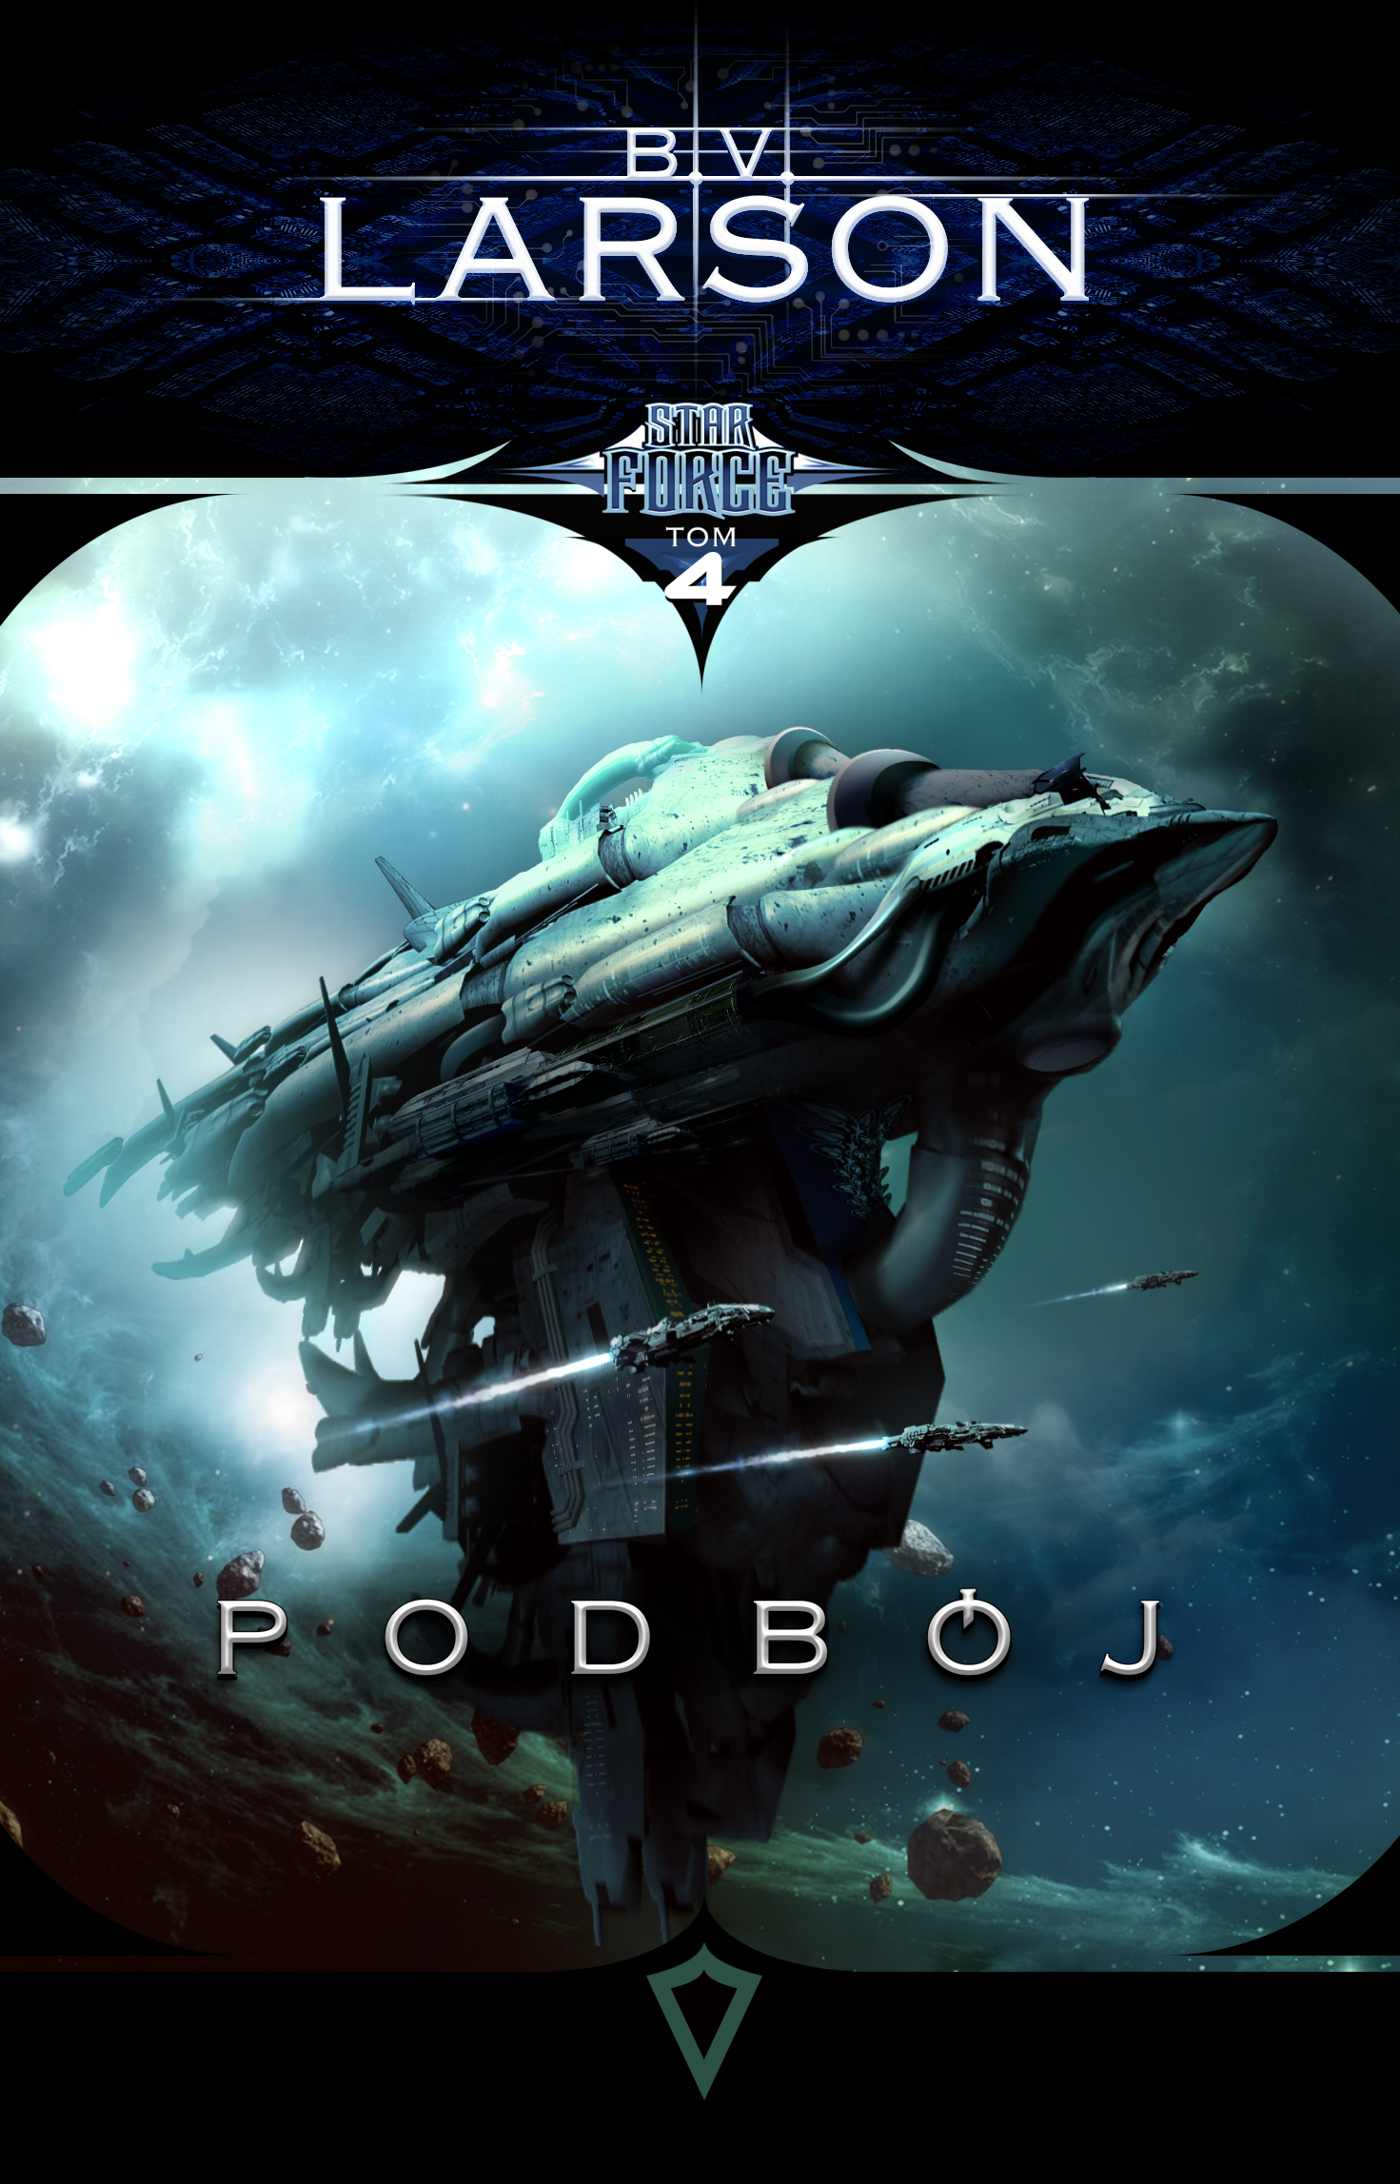 Star Force. Tom 4. Podbój - Ebook (Książka EPUB) do pobrania w formacie EPUB